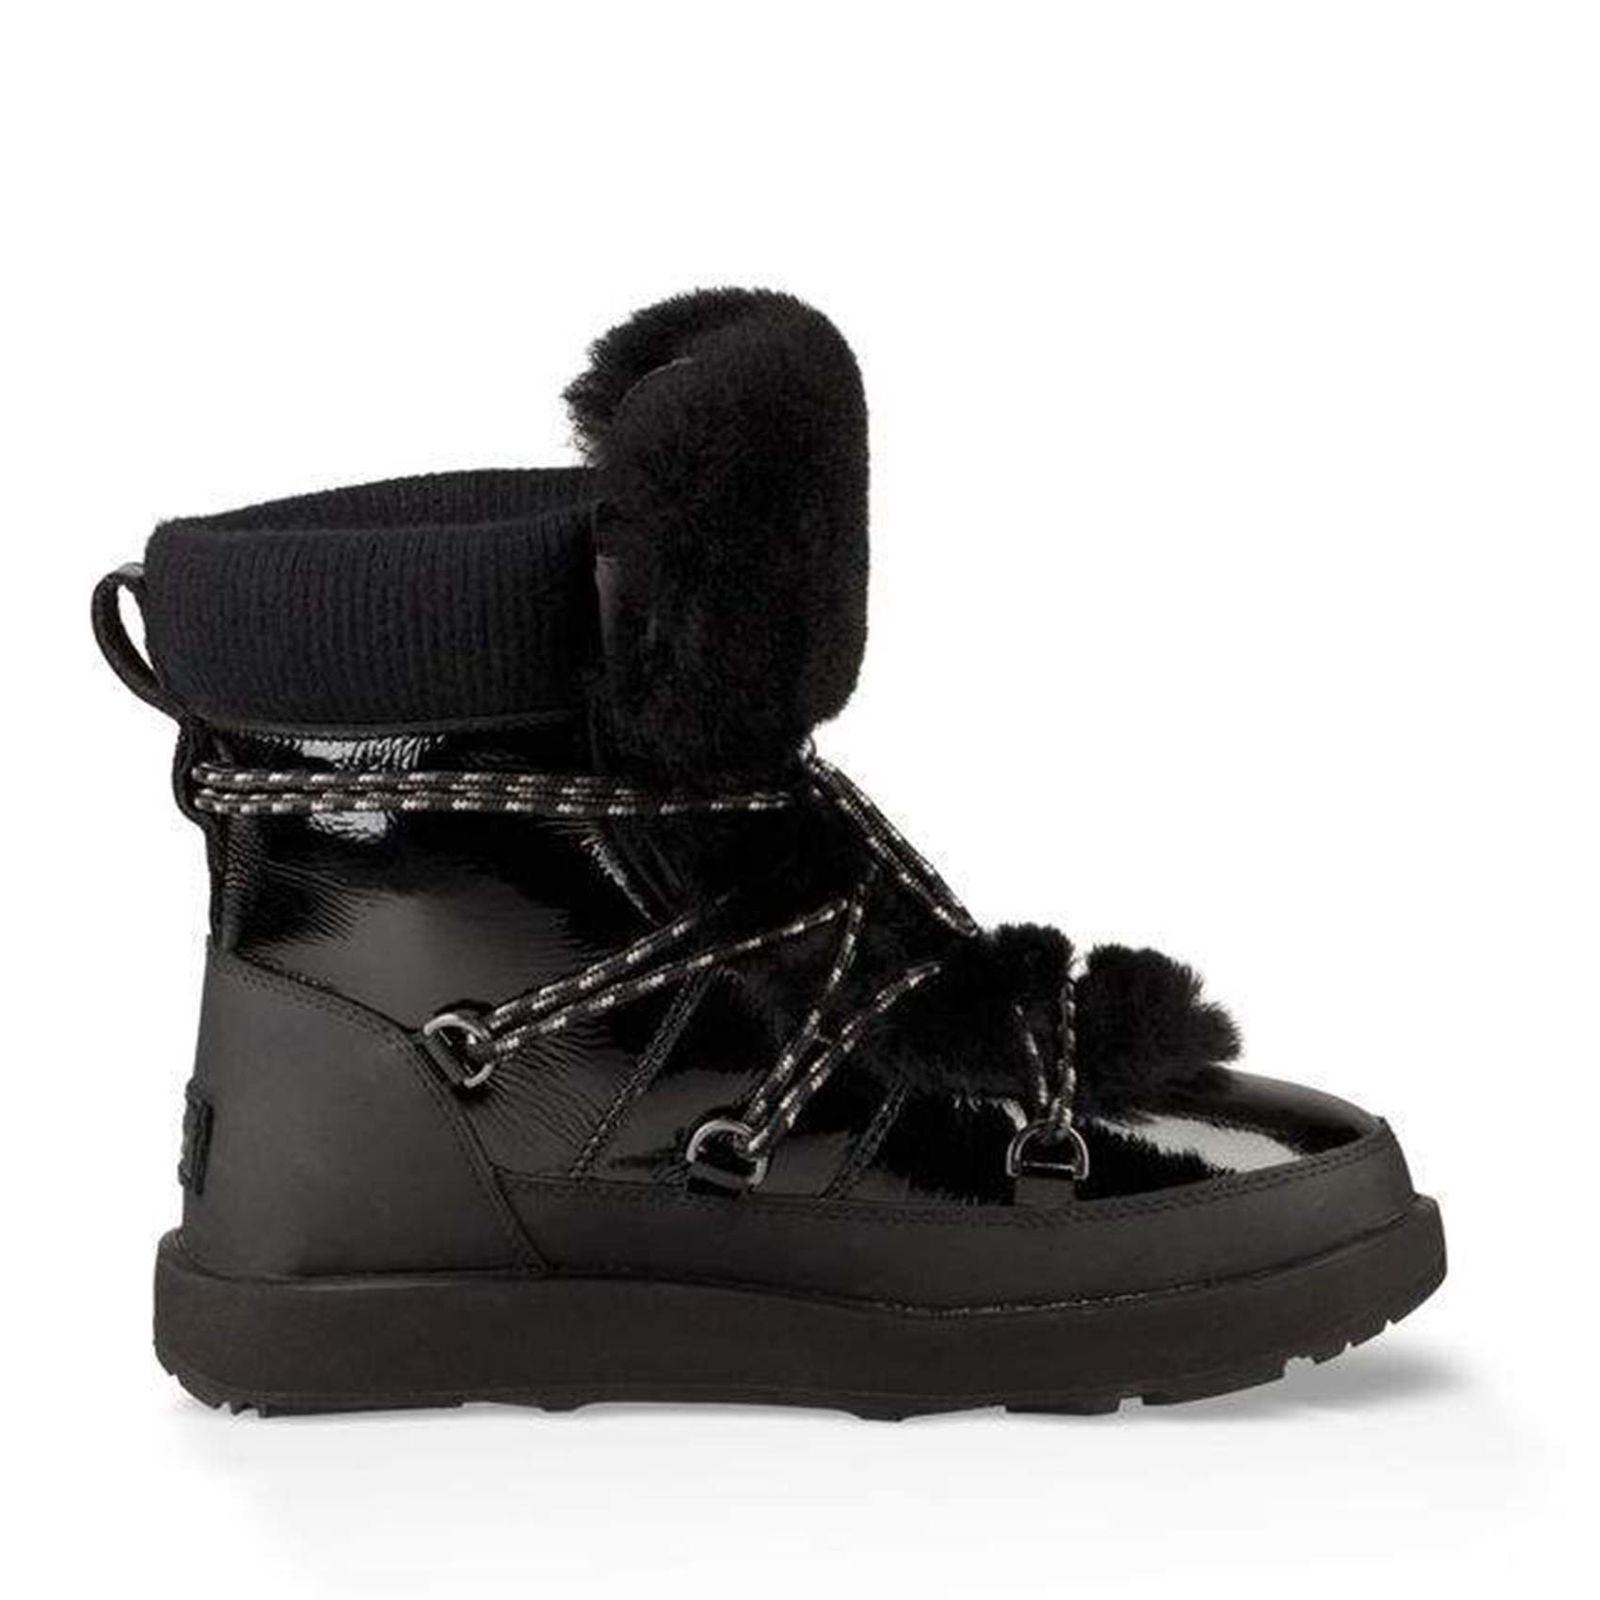 a63595c9 Śniegowce highland waterproof UGG – Kup Teraz! Najlepsze ceny i ...